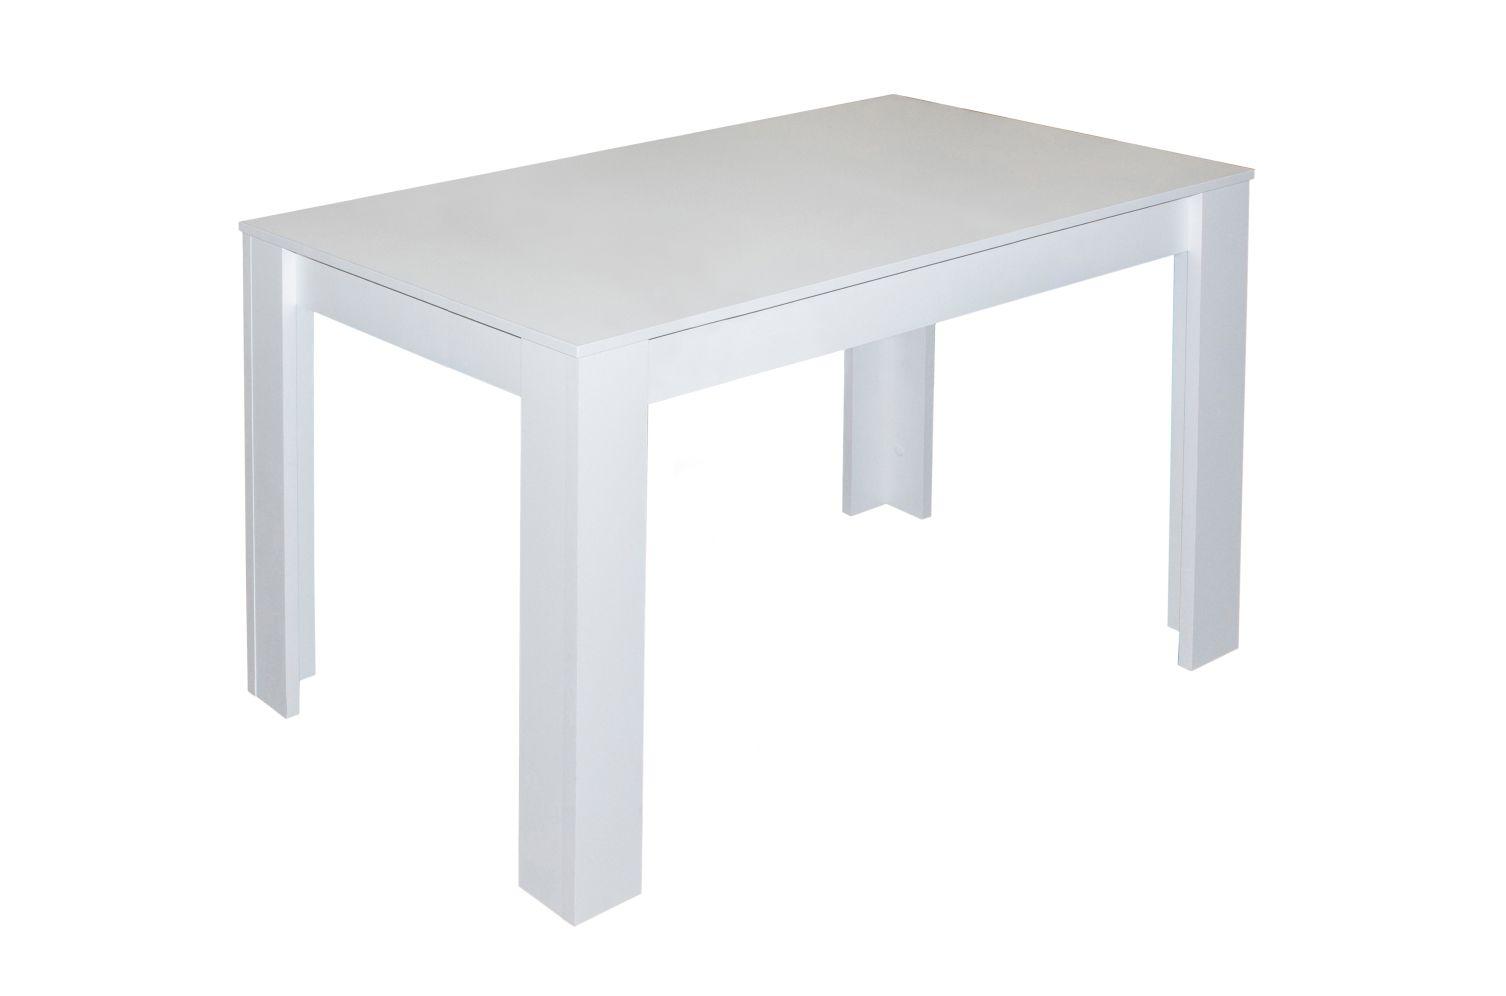 ... Küche Tisch Tische Neu Esszimmertisch Esstisch weiss  eBay